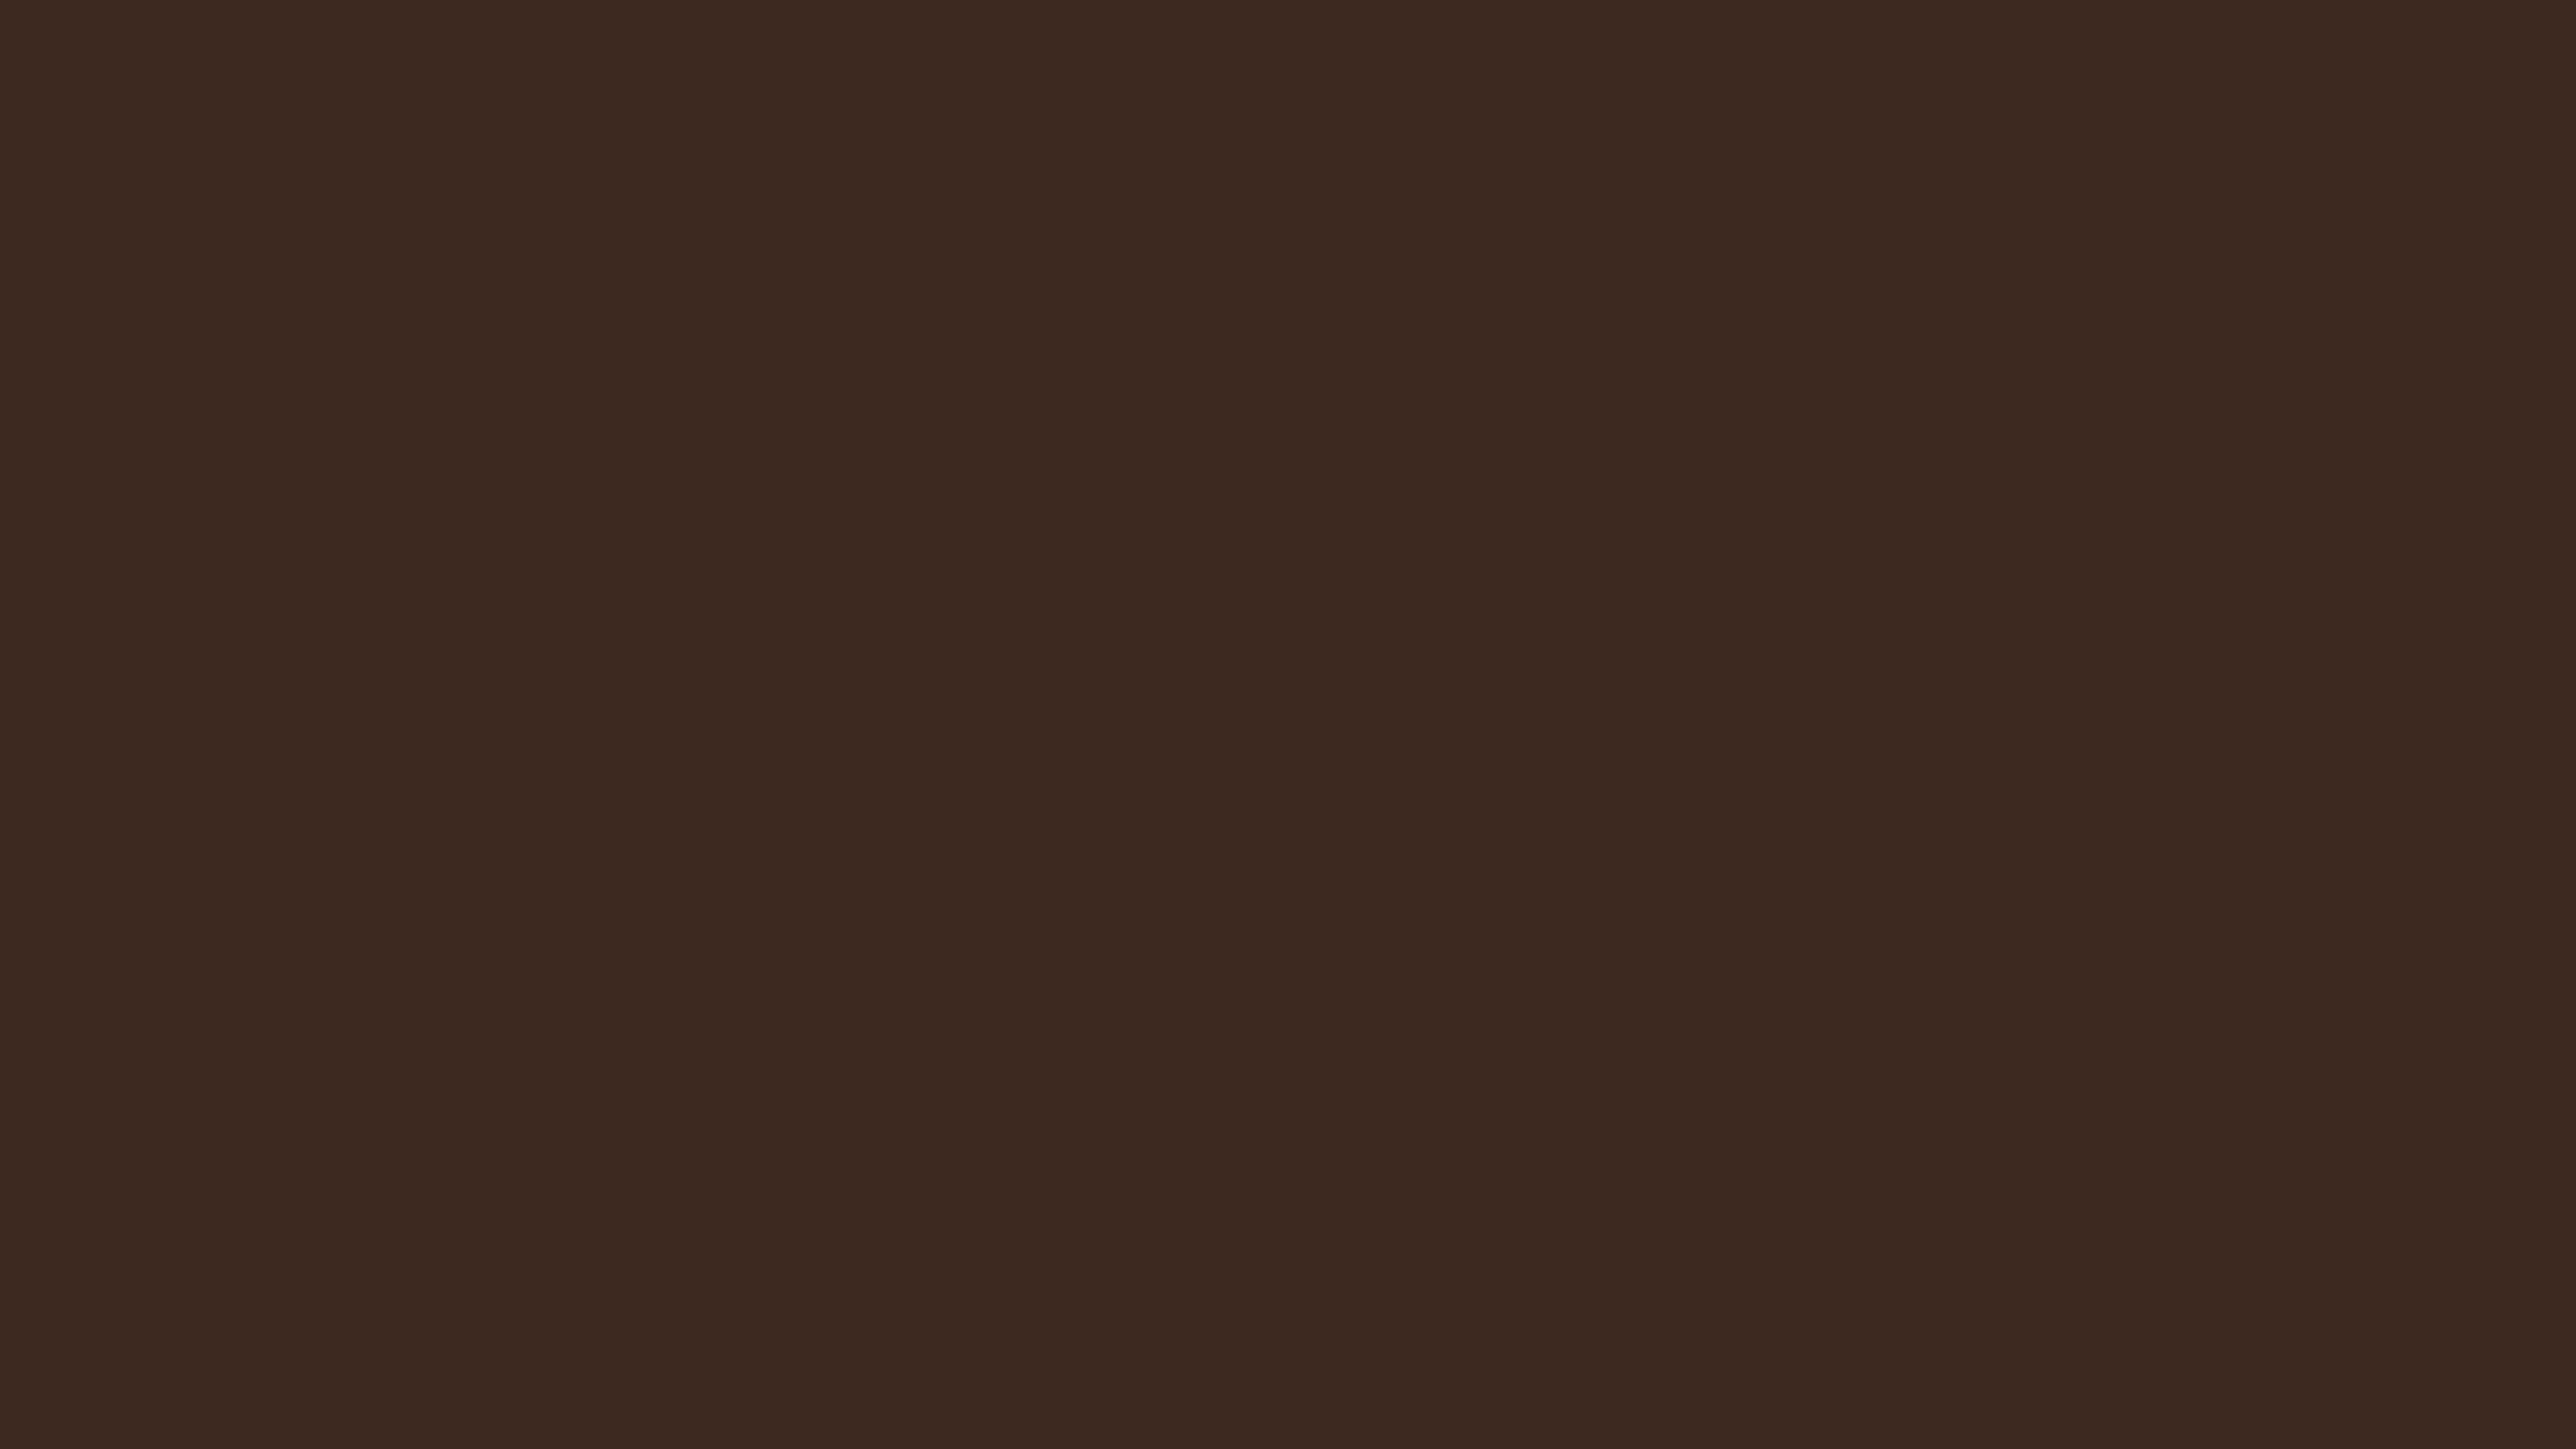 7680x4320 Bistre Solid Color Background